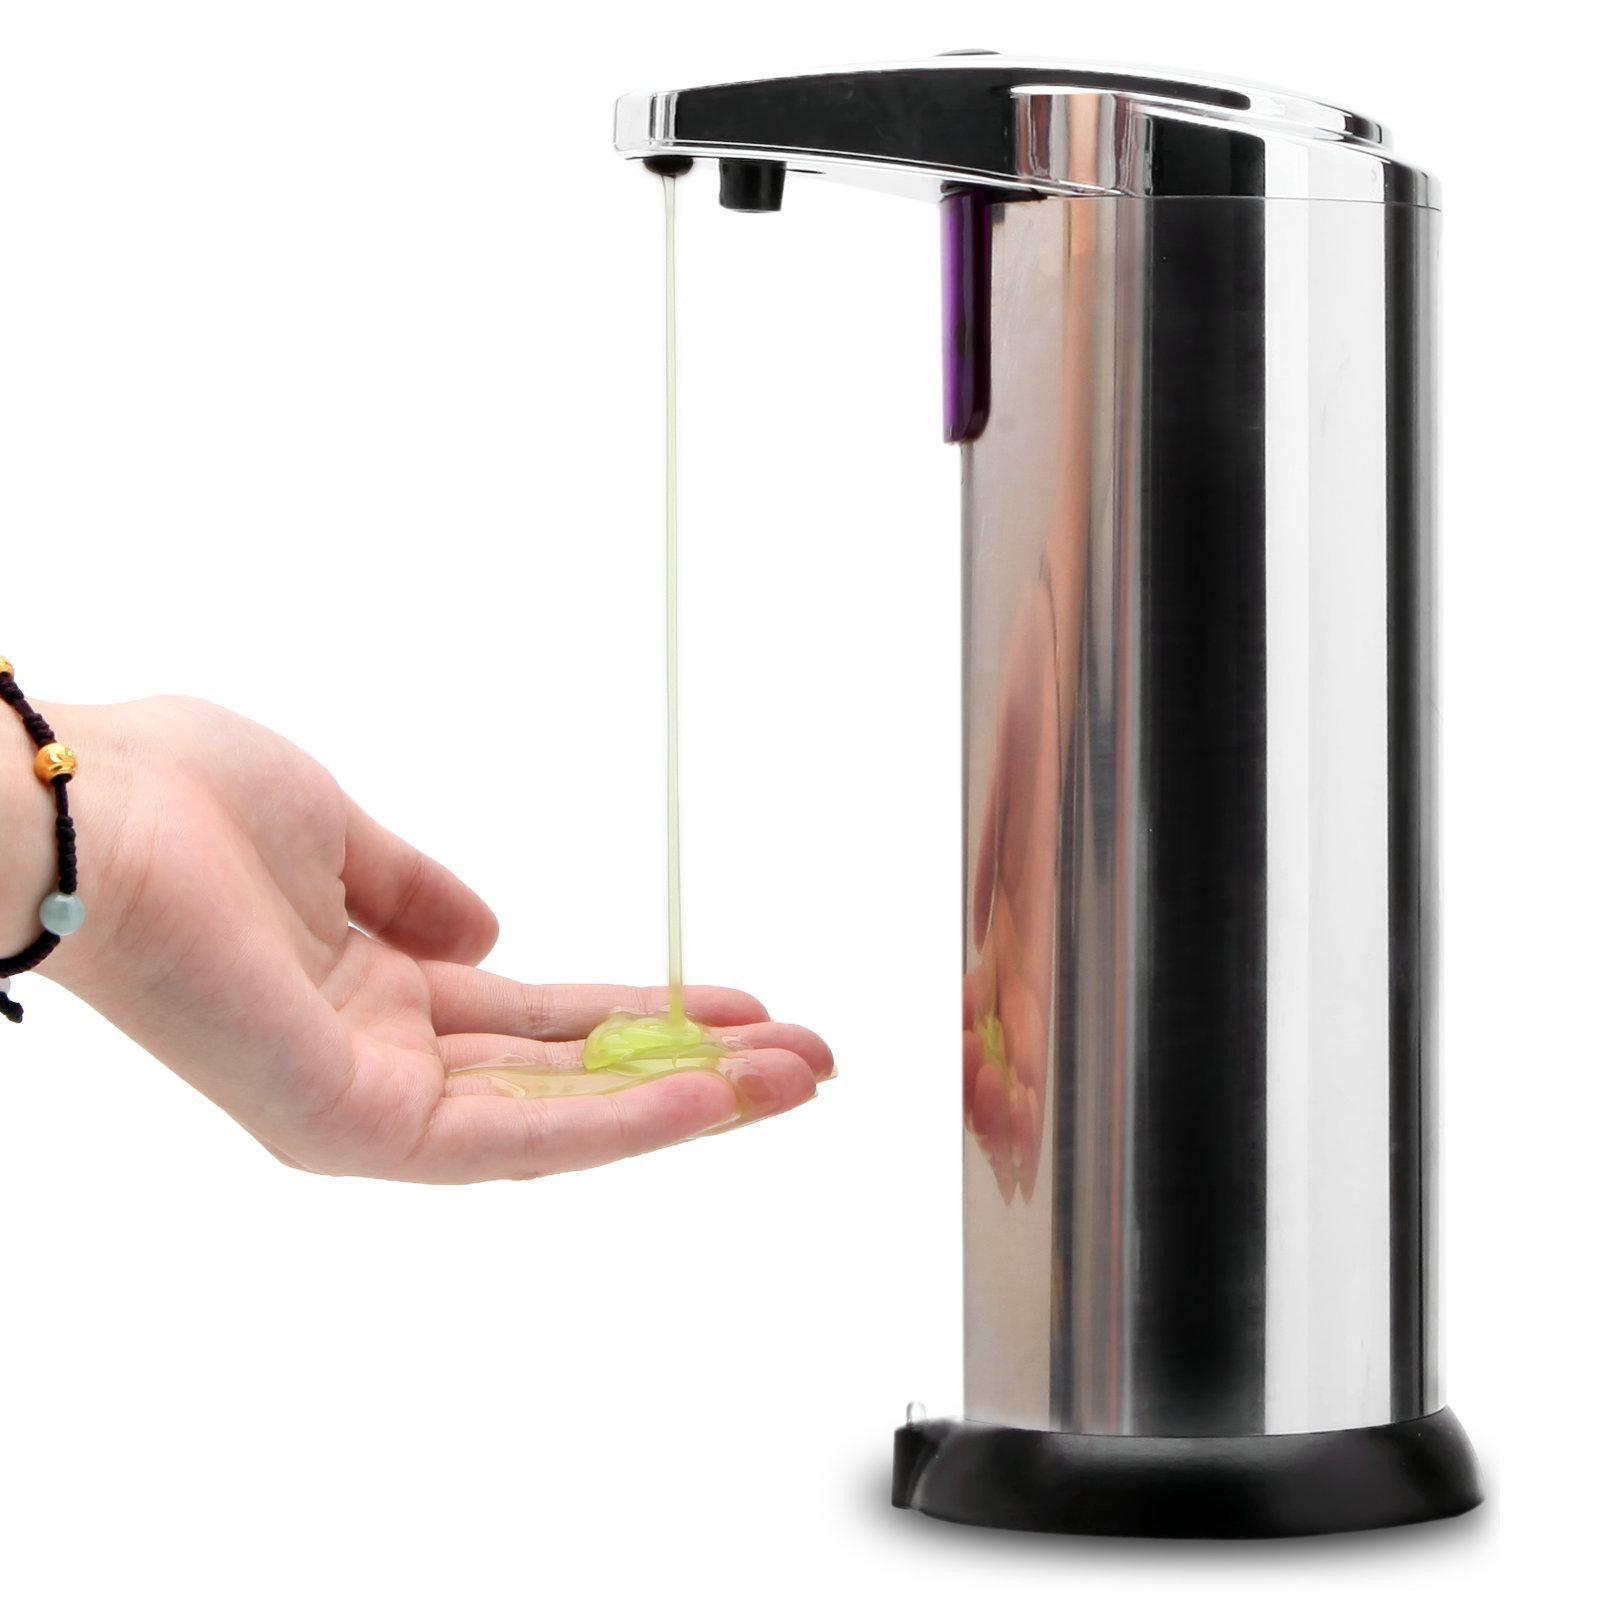 Wood Purell Hand Sanitizer Dispenser Stand Hand Sanitizer